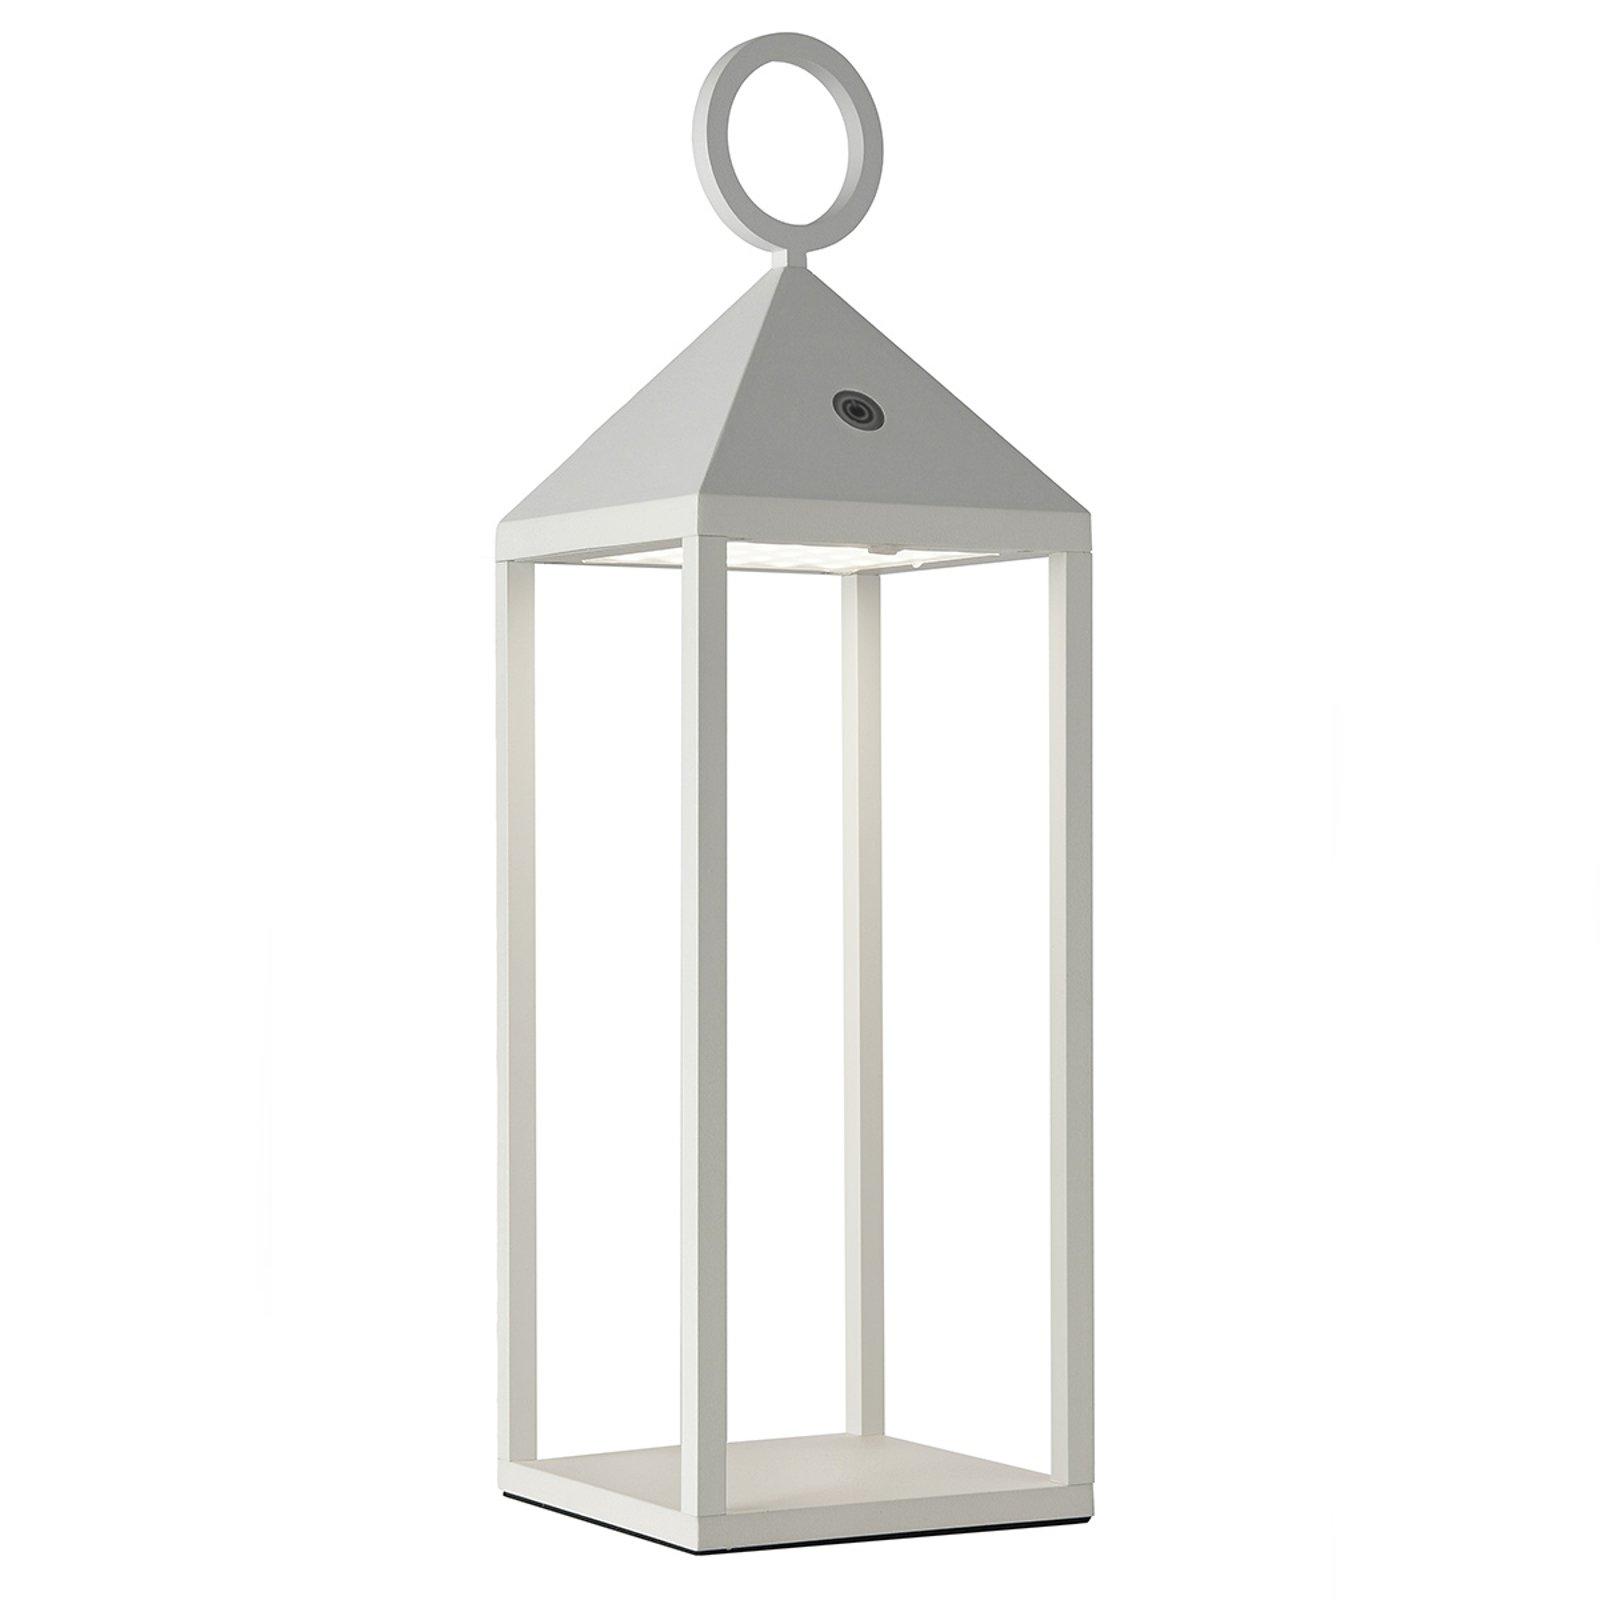 Utendørs LED-bordlampe Cargo, hvit, høyde 47 cm